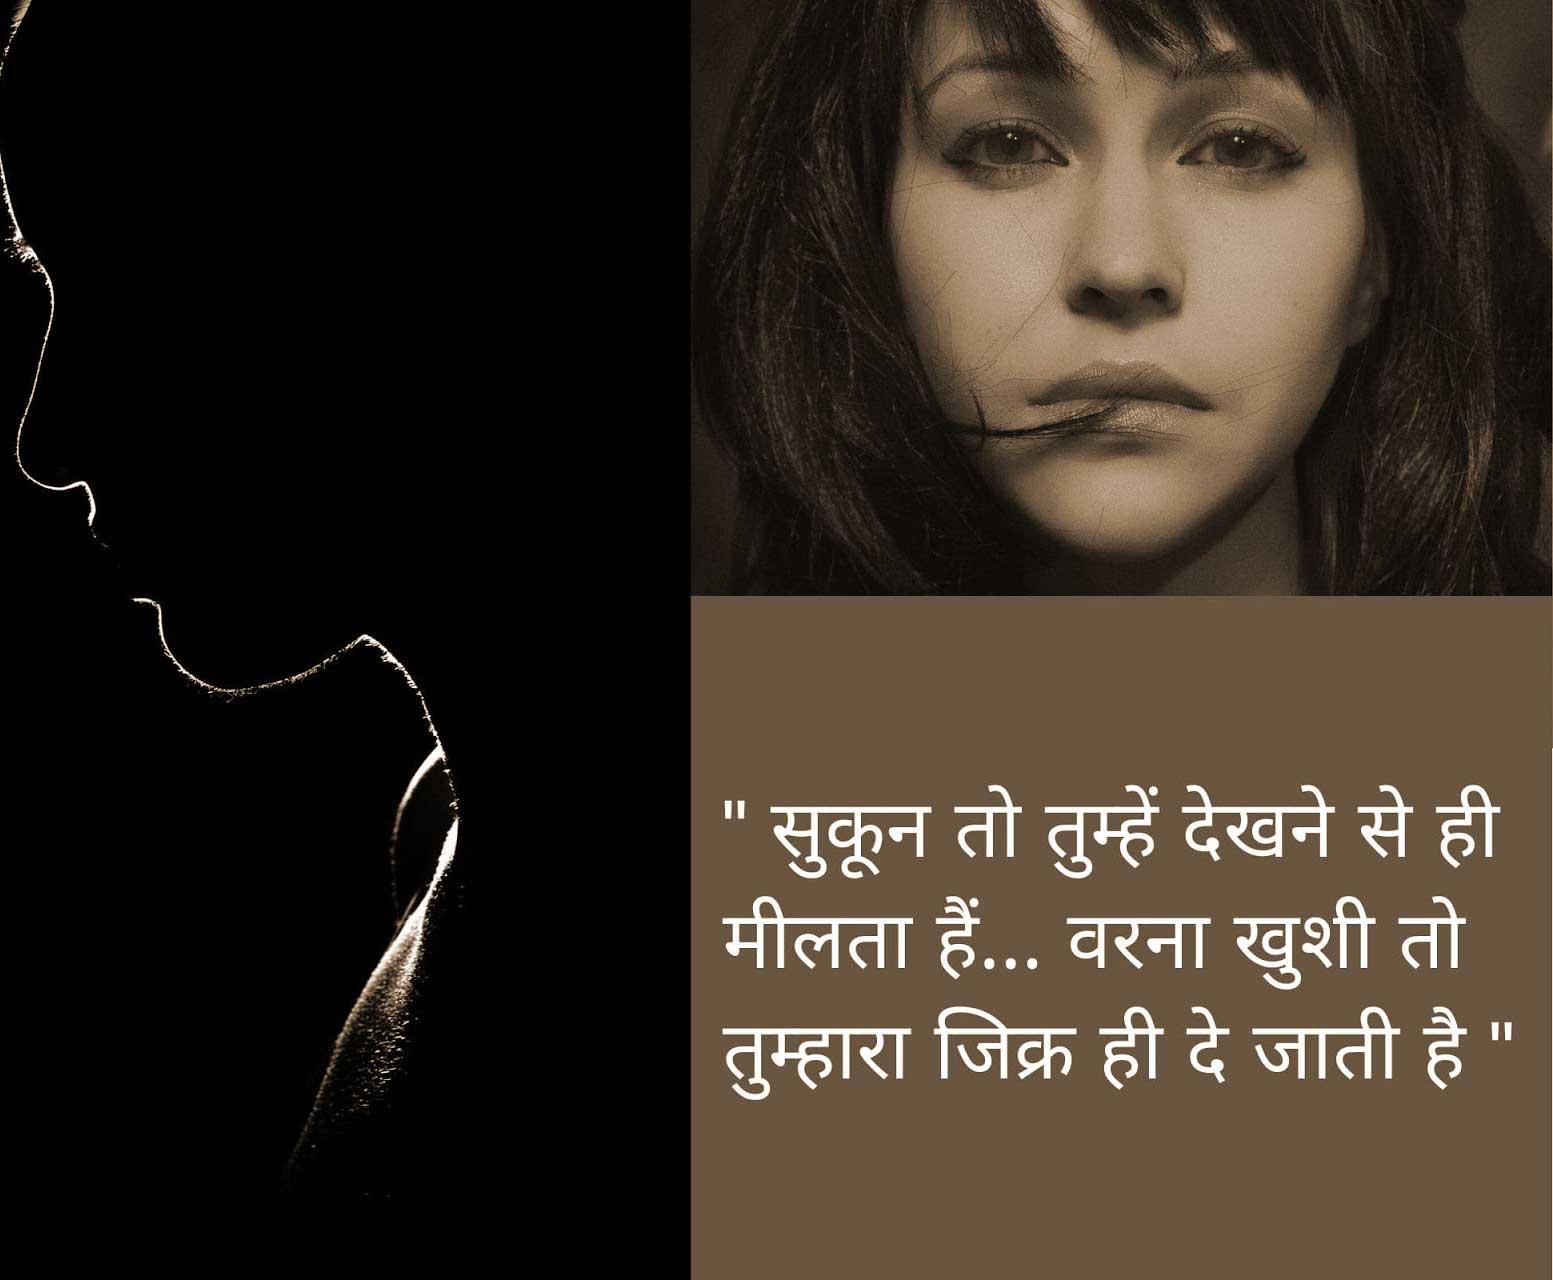 Sad Shayari Wallpaper 22